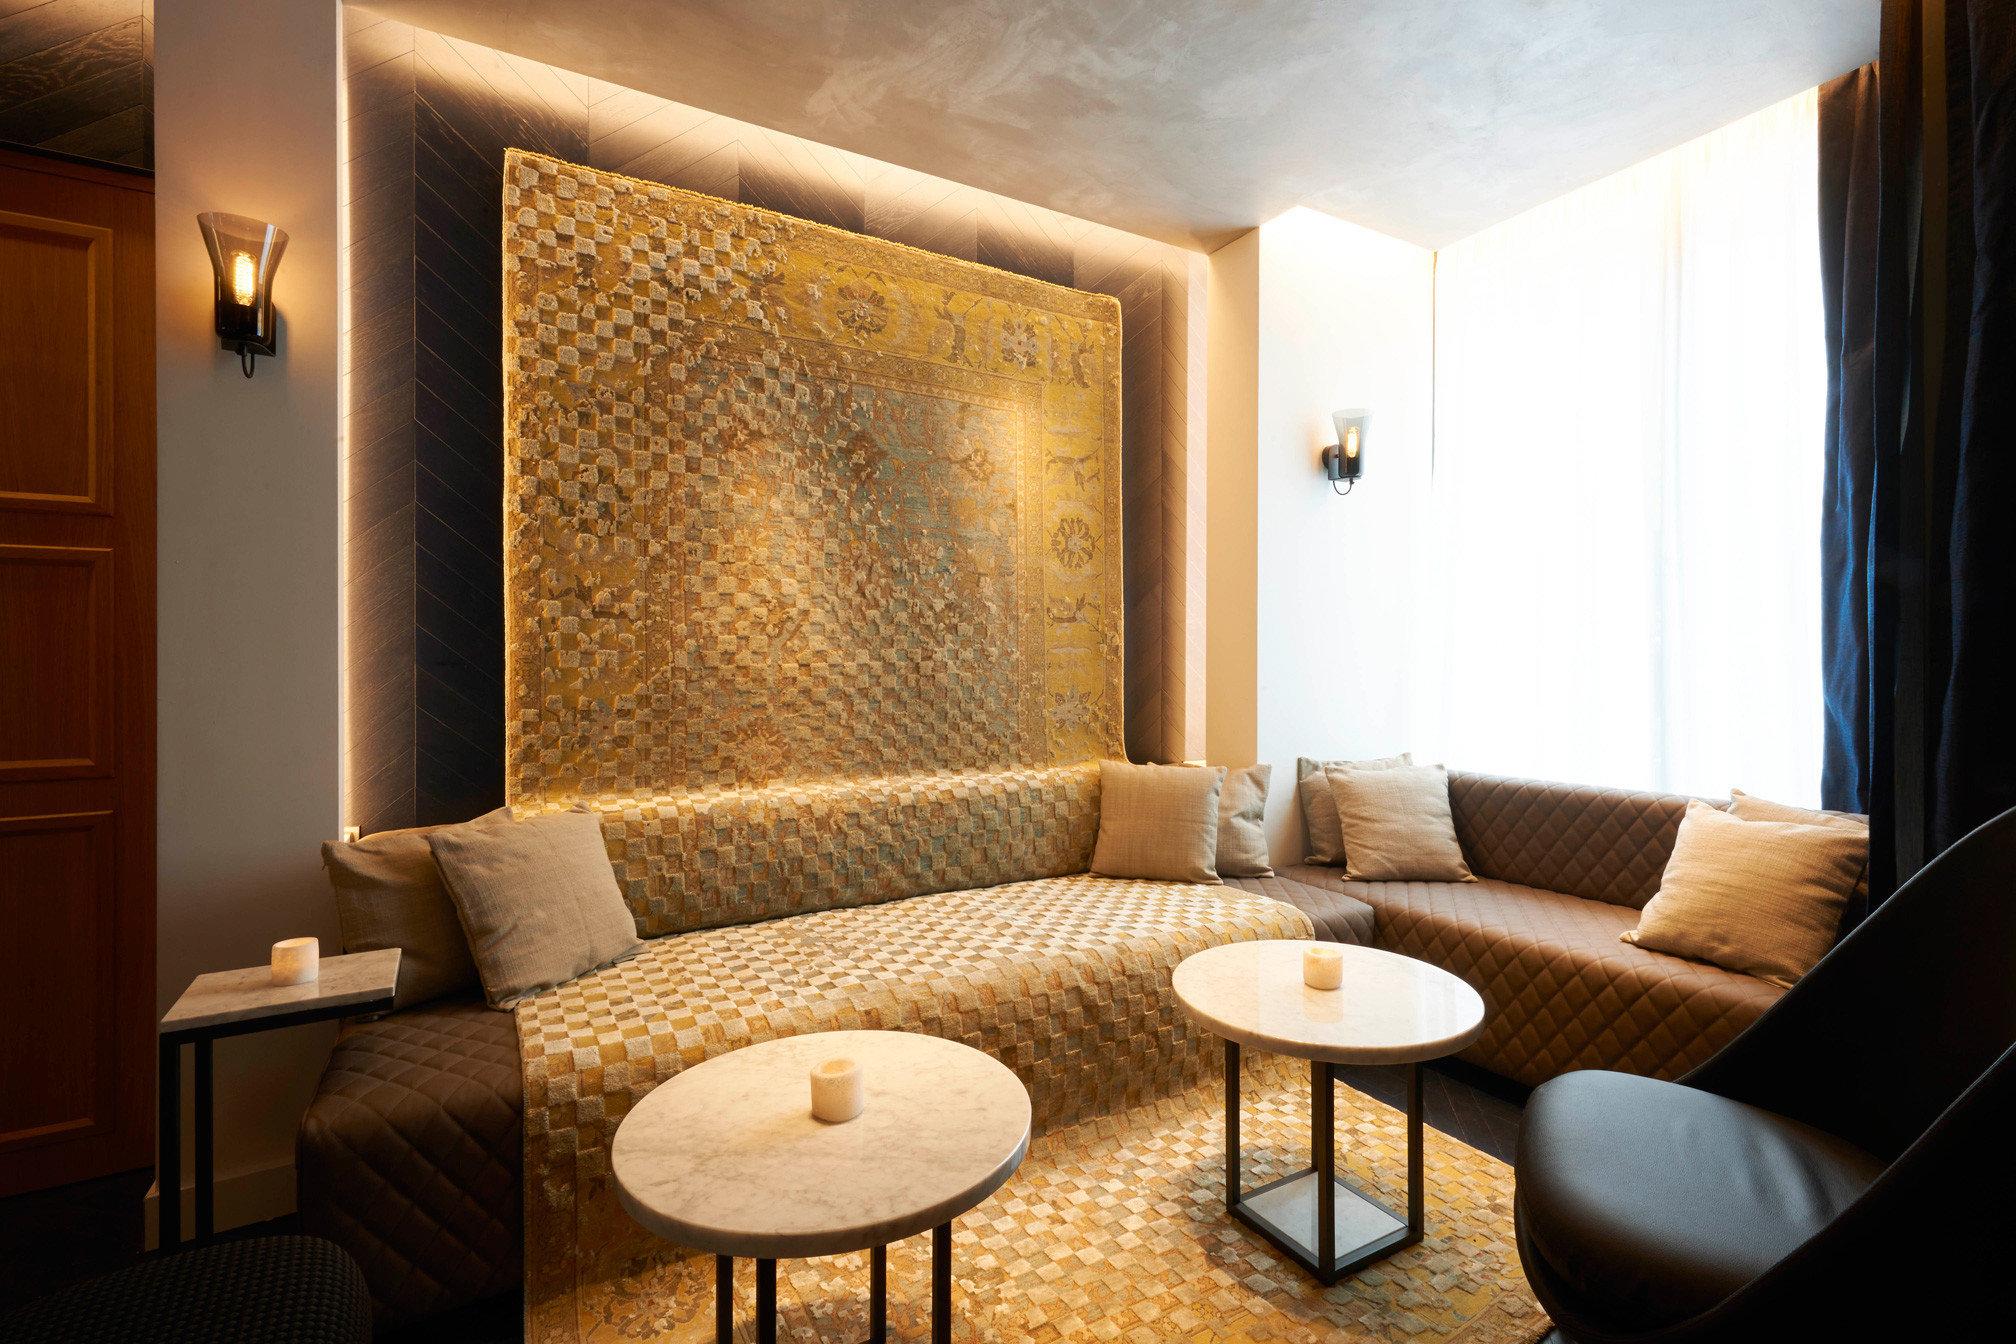 Hotels indoor wall room property Suite living room interior design estate floor Design condominium apartment furniture